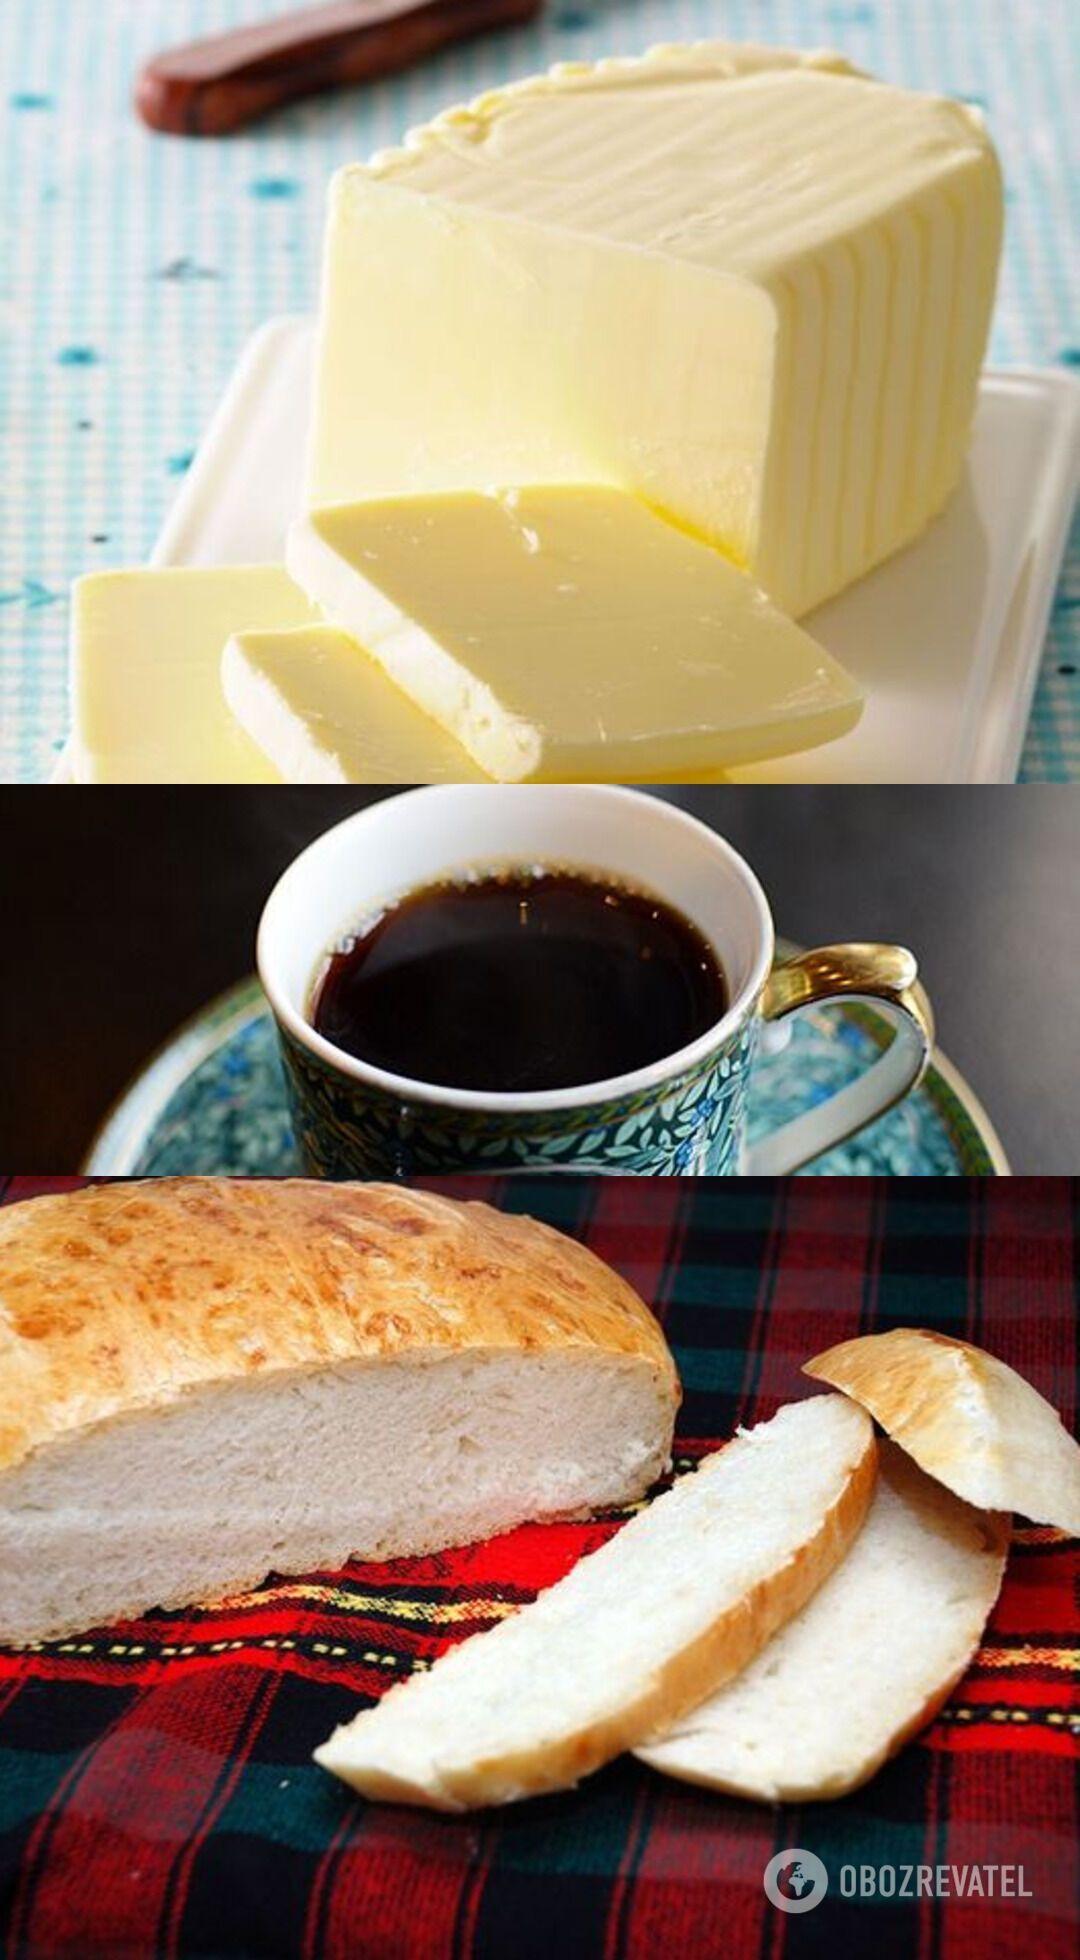 Сочетание белого хлеба, масла и чая